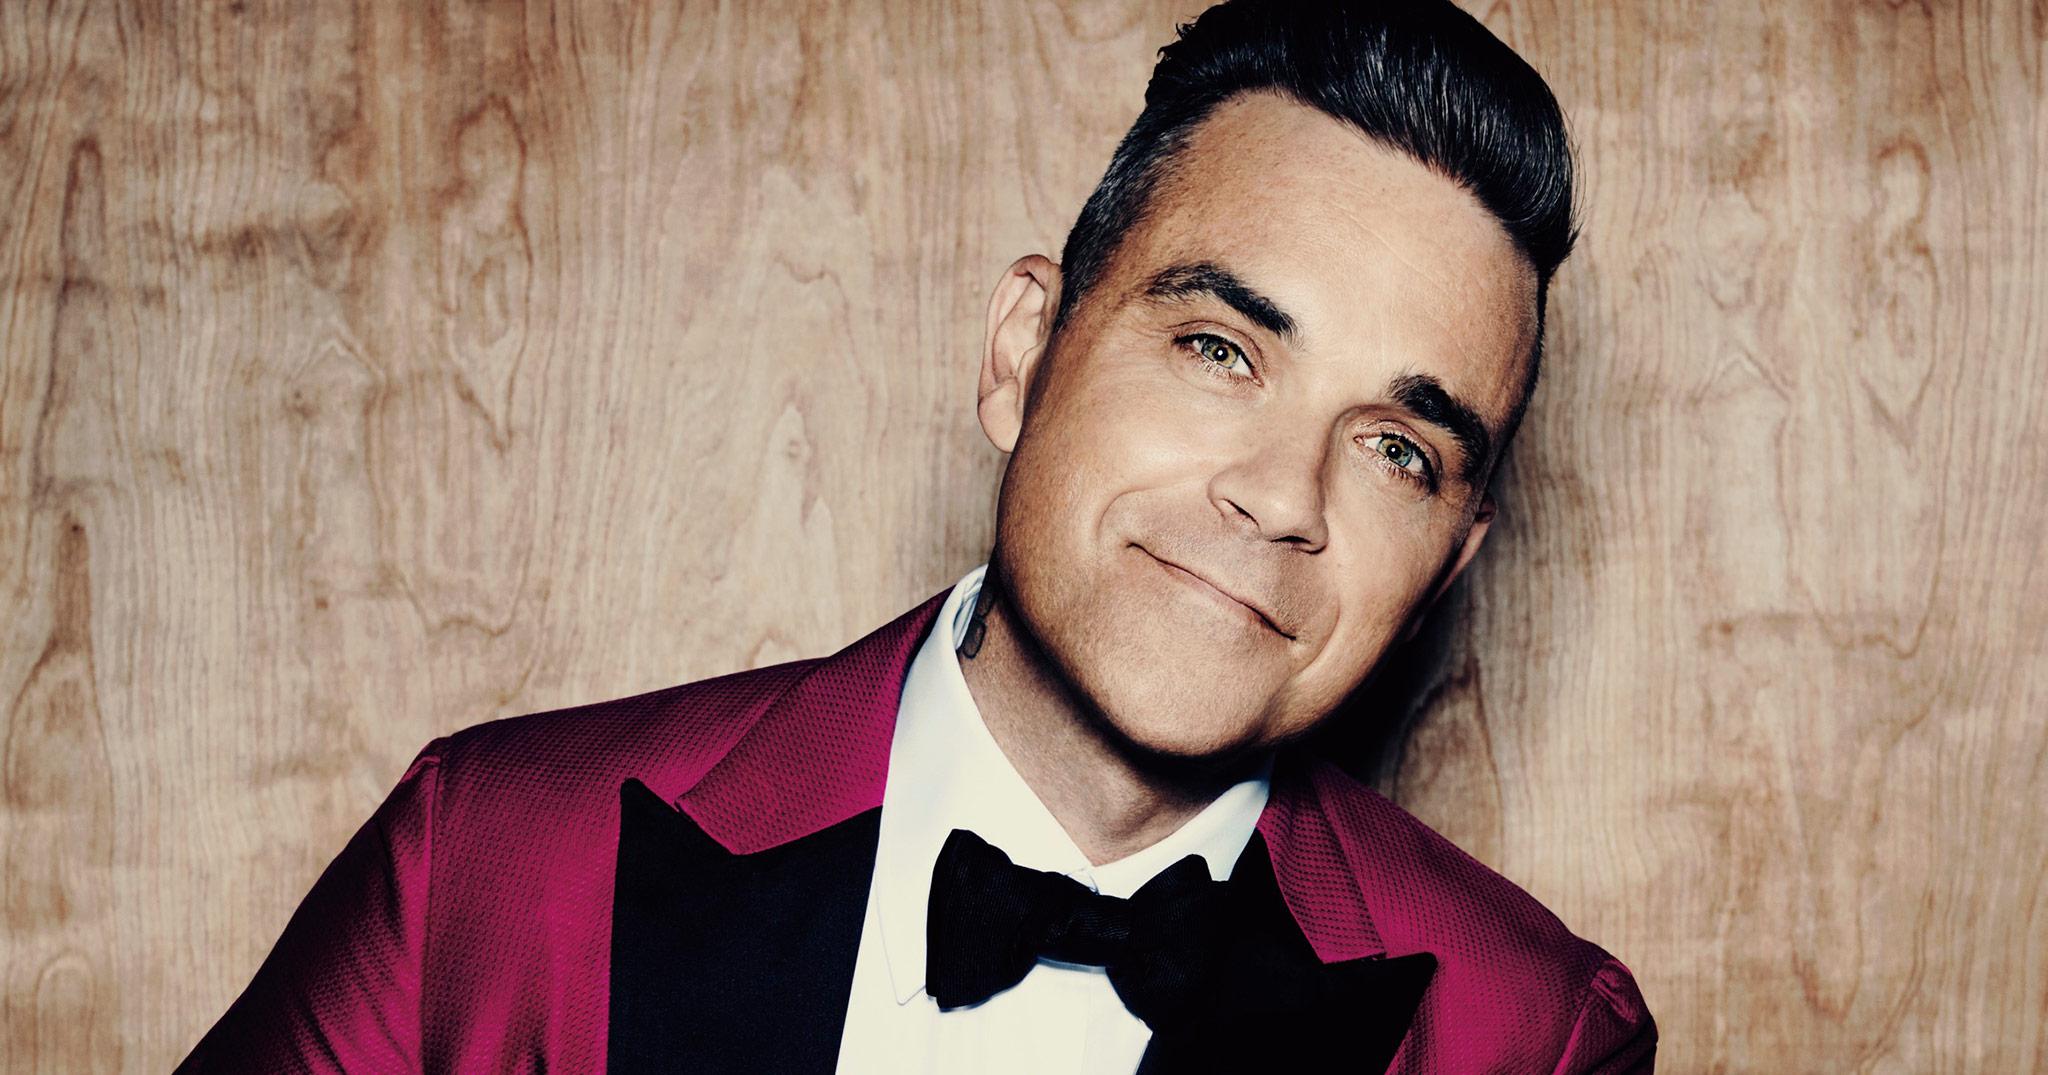 Robbie Williams Promo